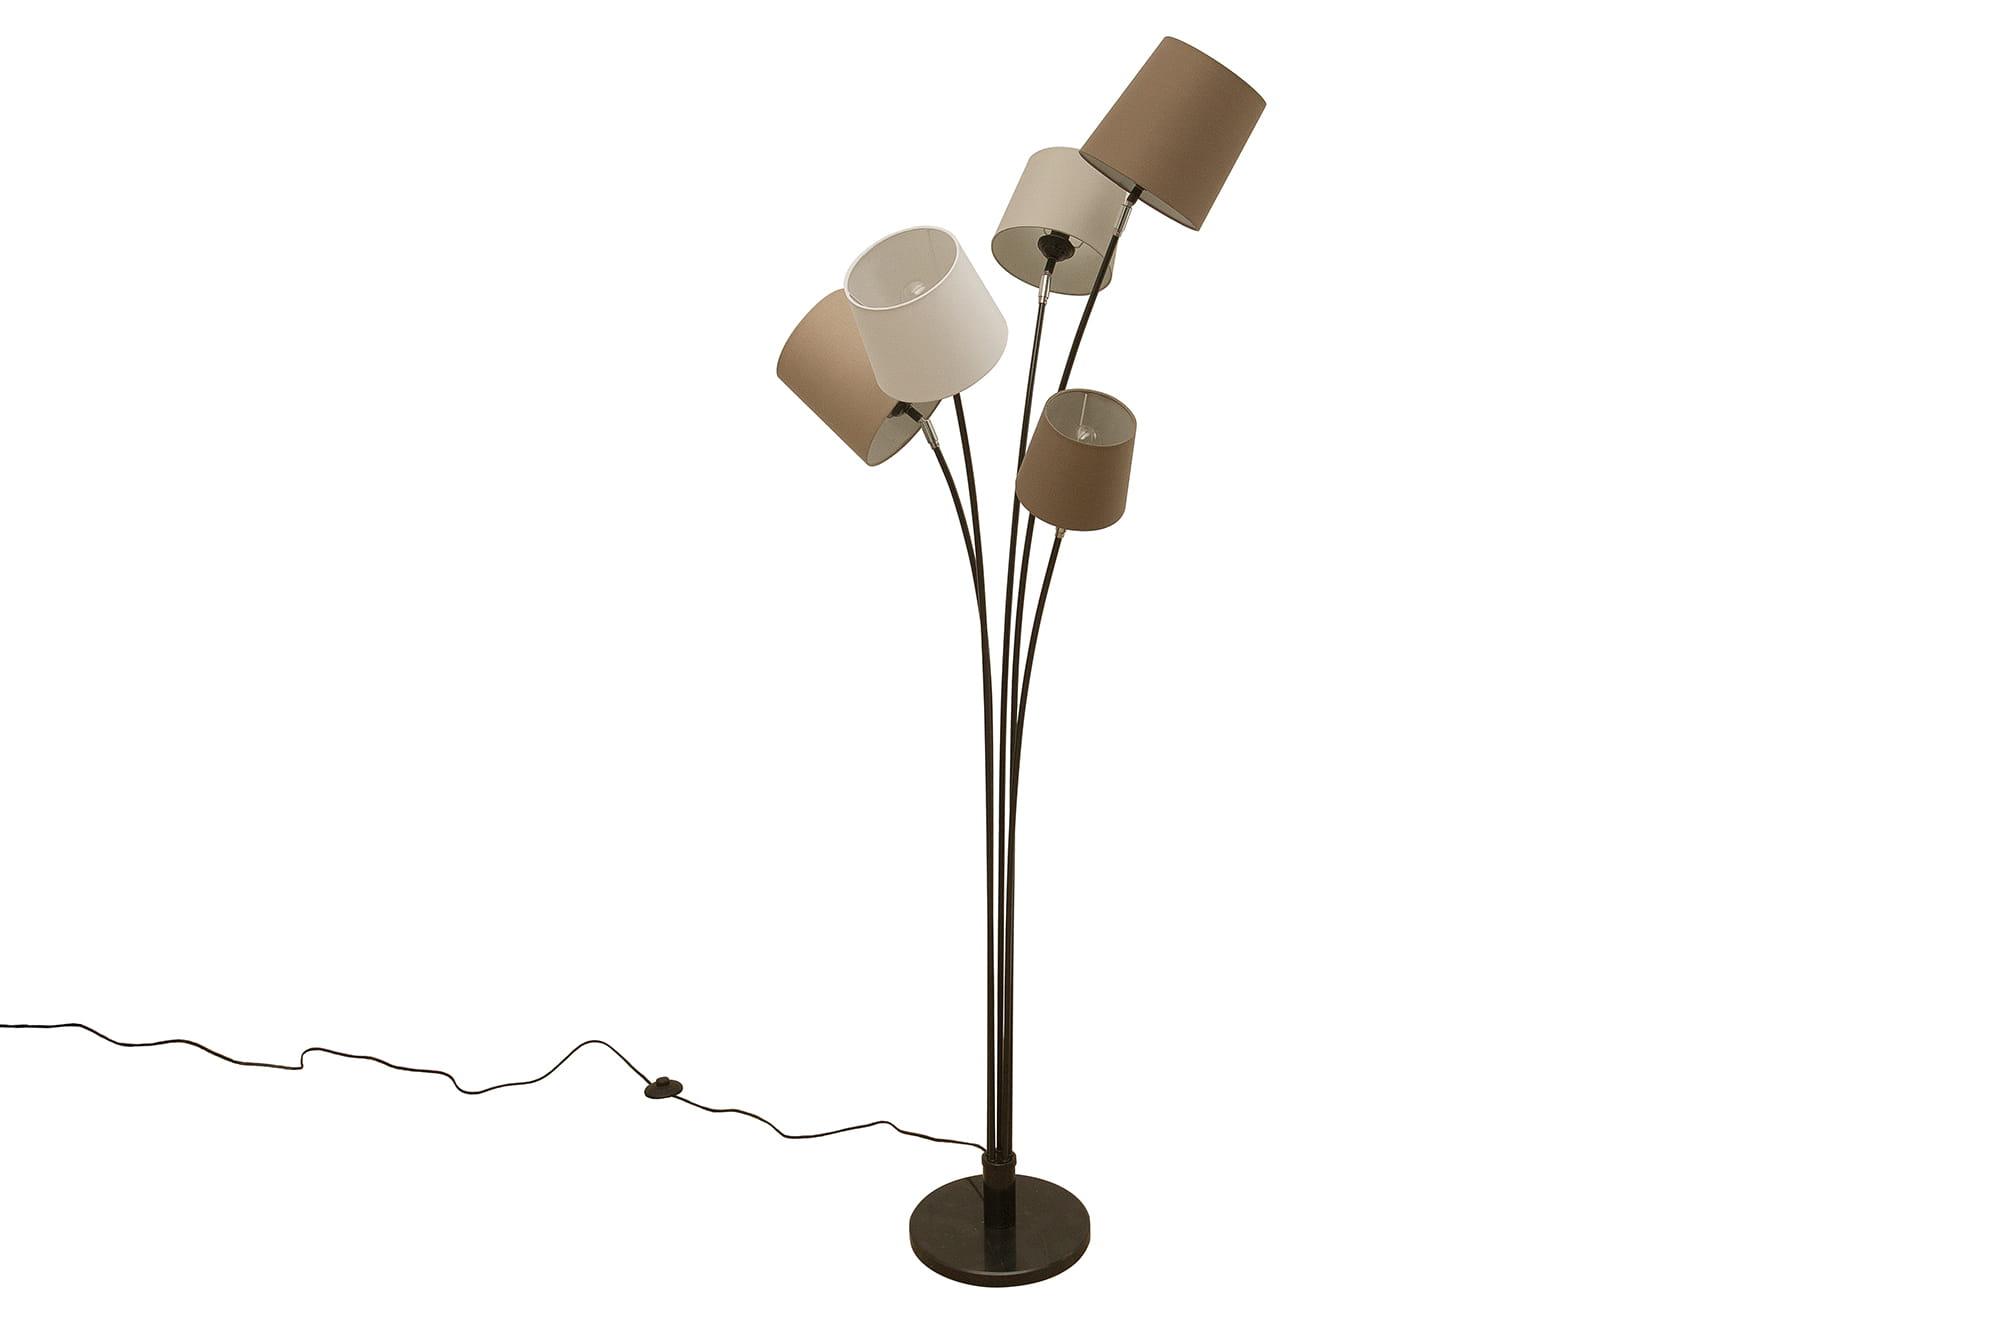 Lampa podłogowa Floor biało-brązowo-beżowa